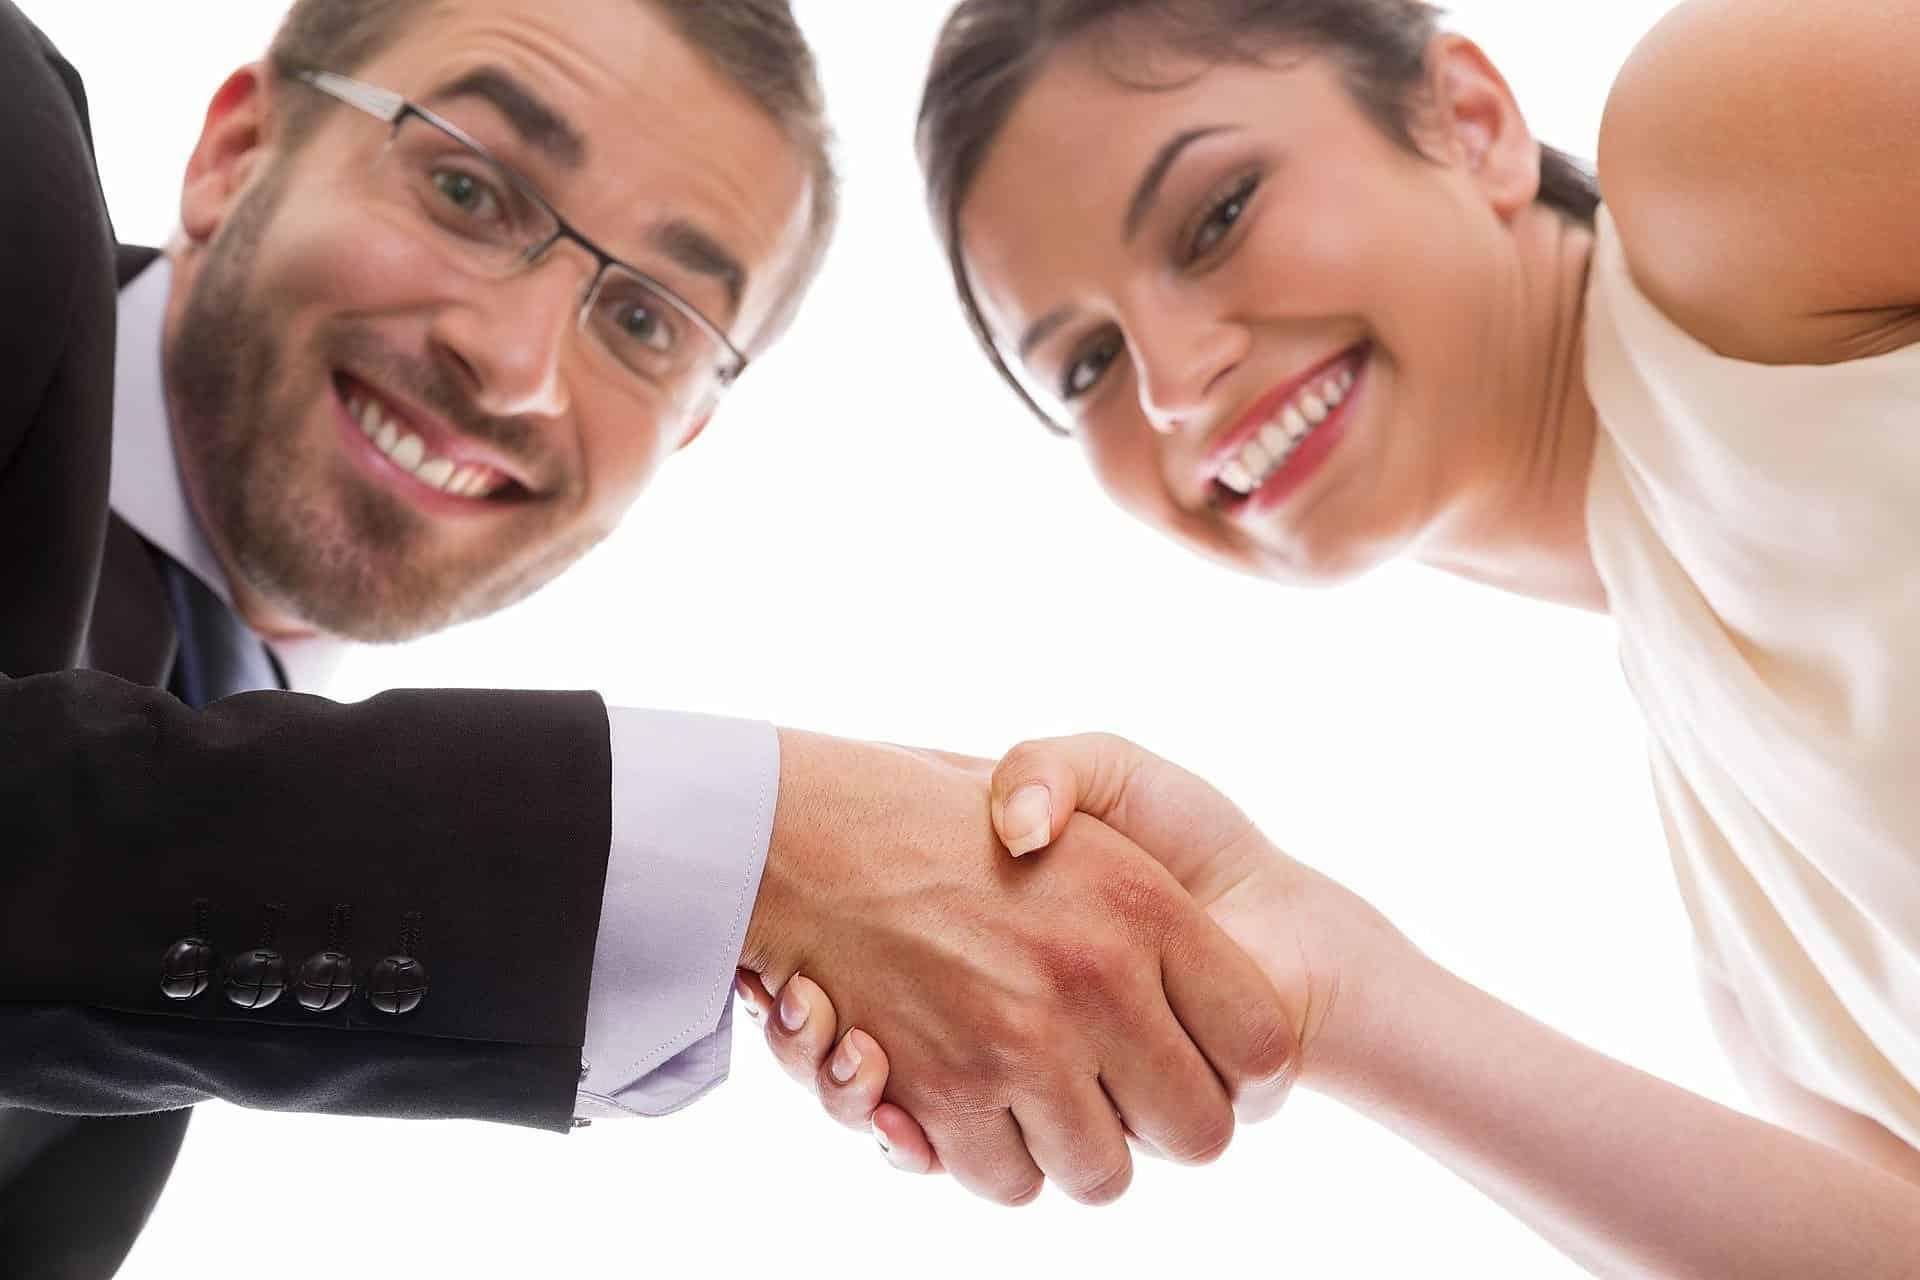 в деловых вопросах партнёры преуспеют